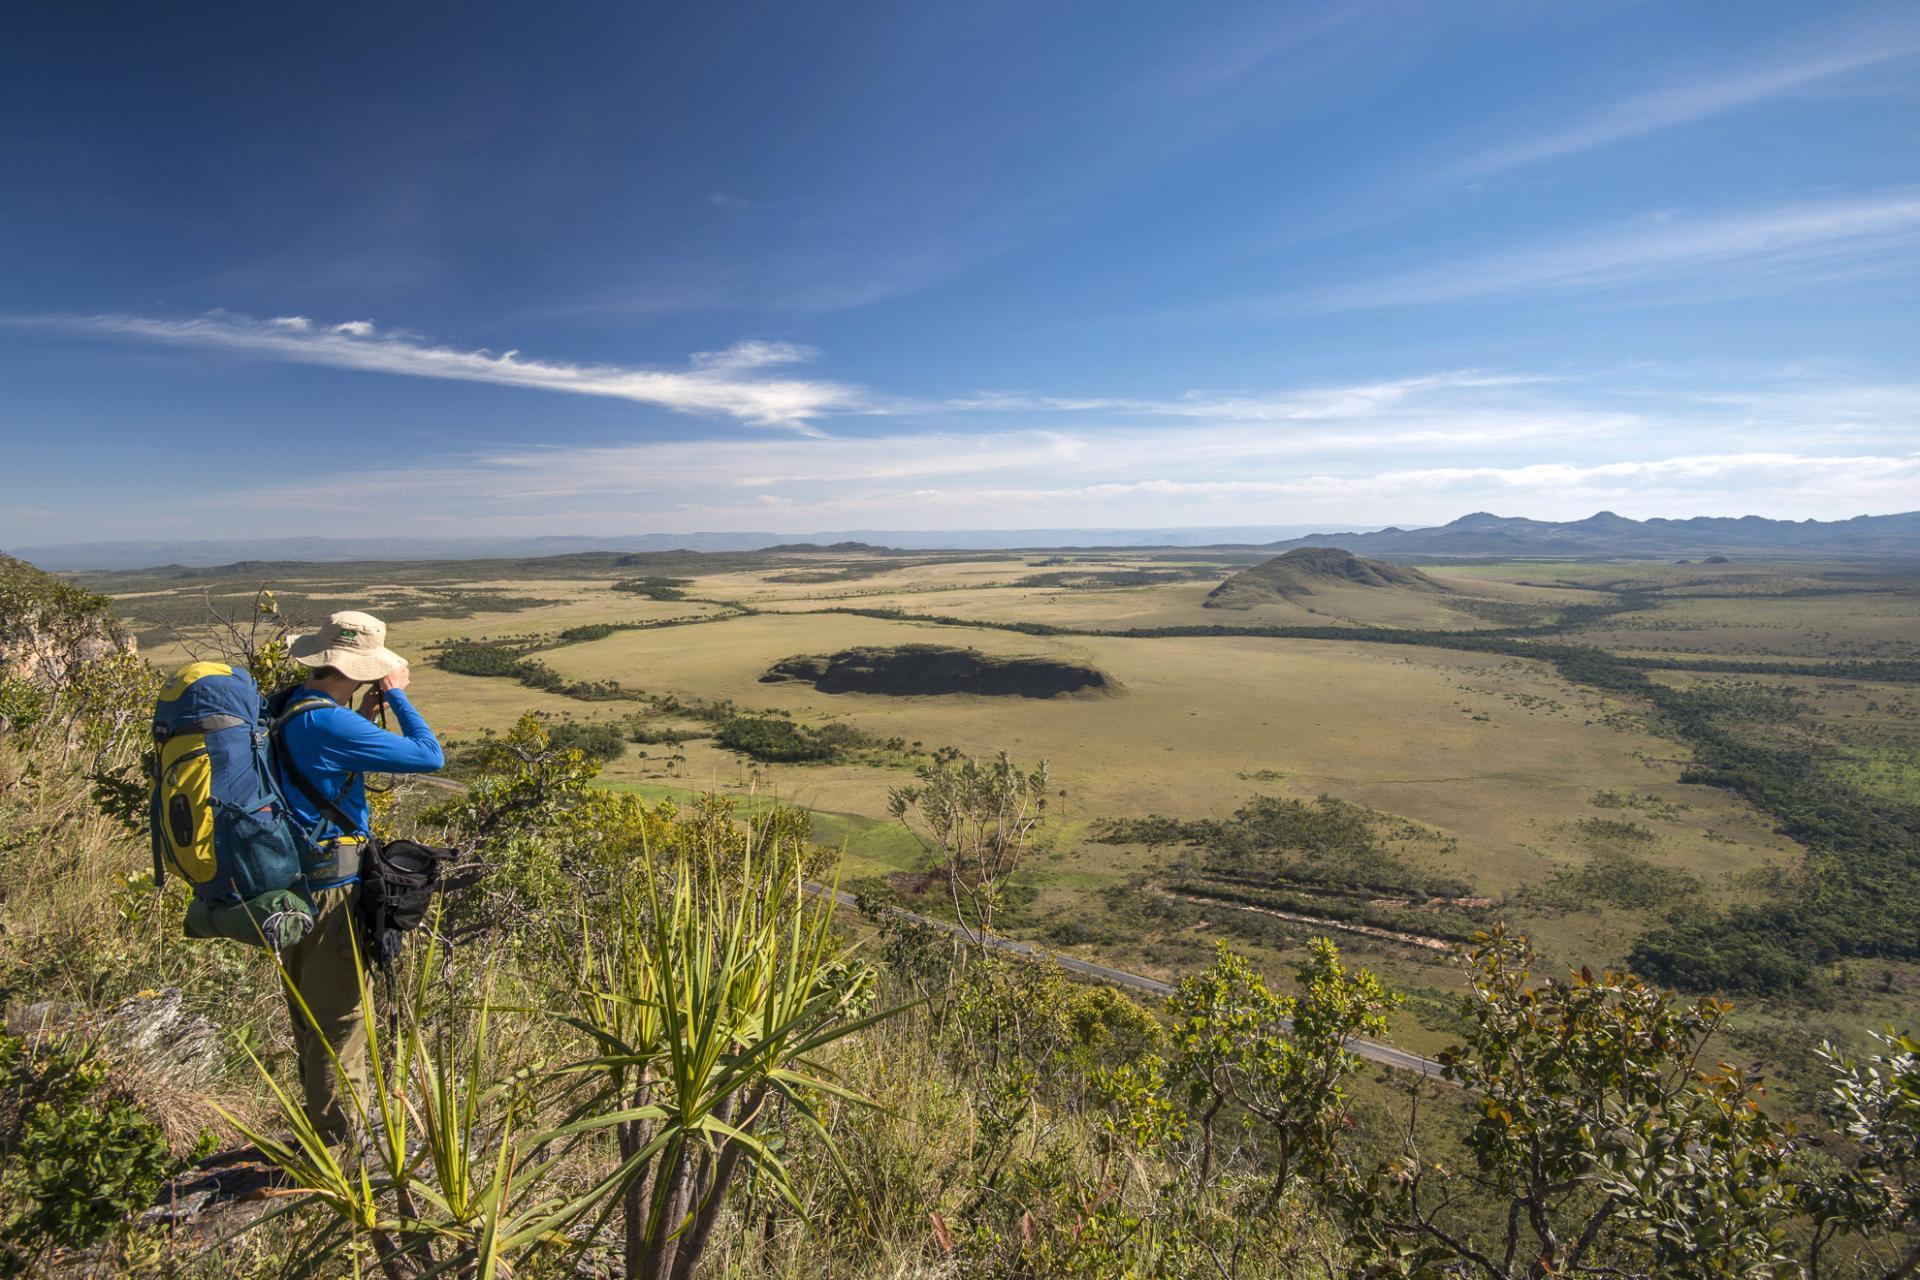 Eco-Tourist genießt die weitläufige Aussicht in der Chapada dos Veadeiros